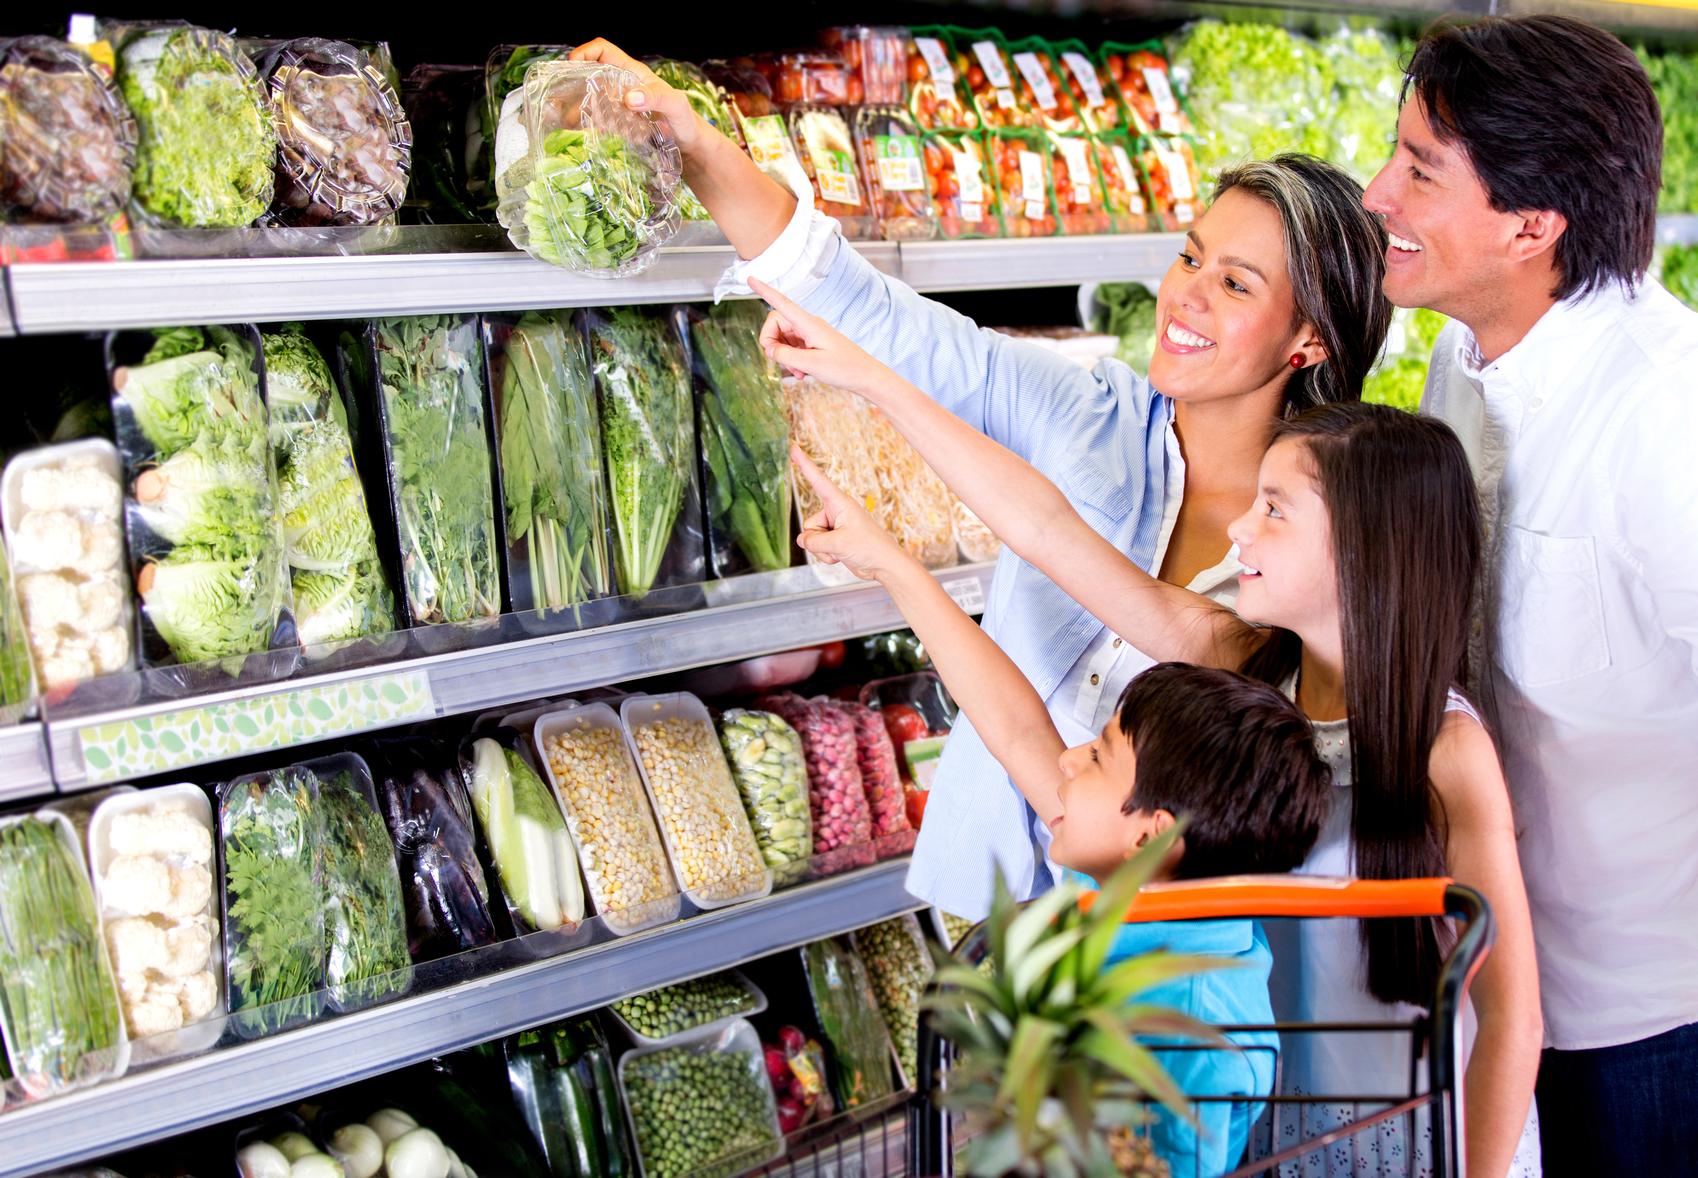 принципы раздельного питания для похудения